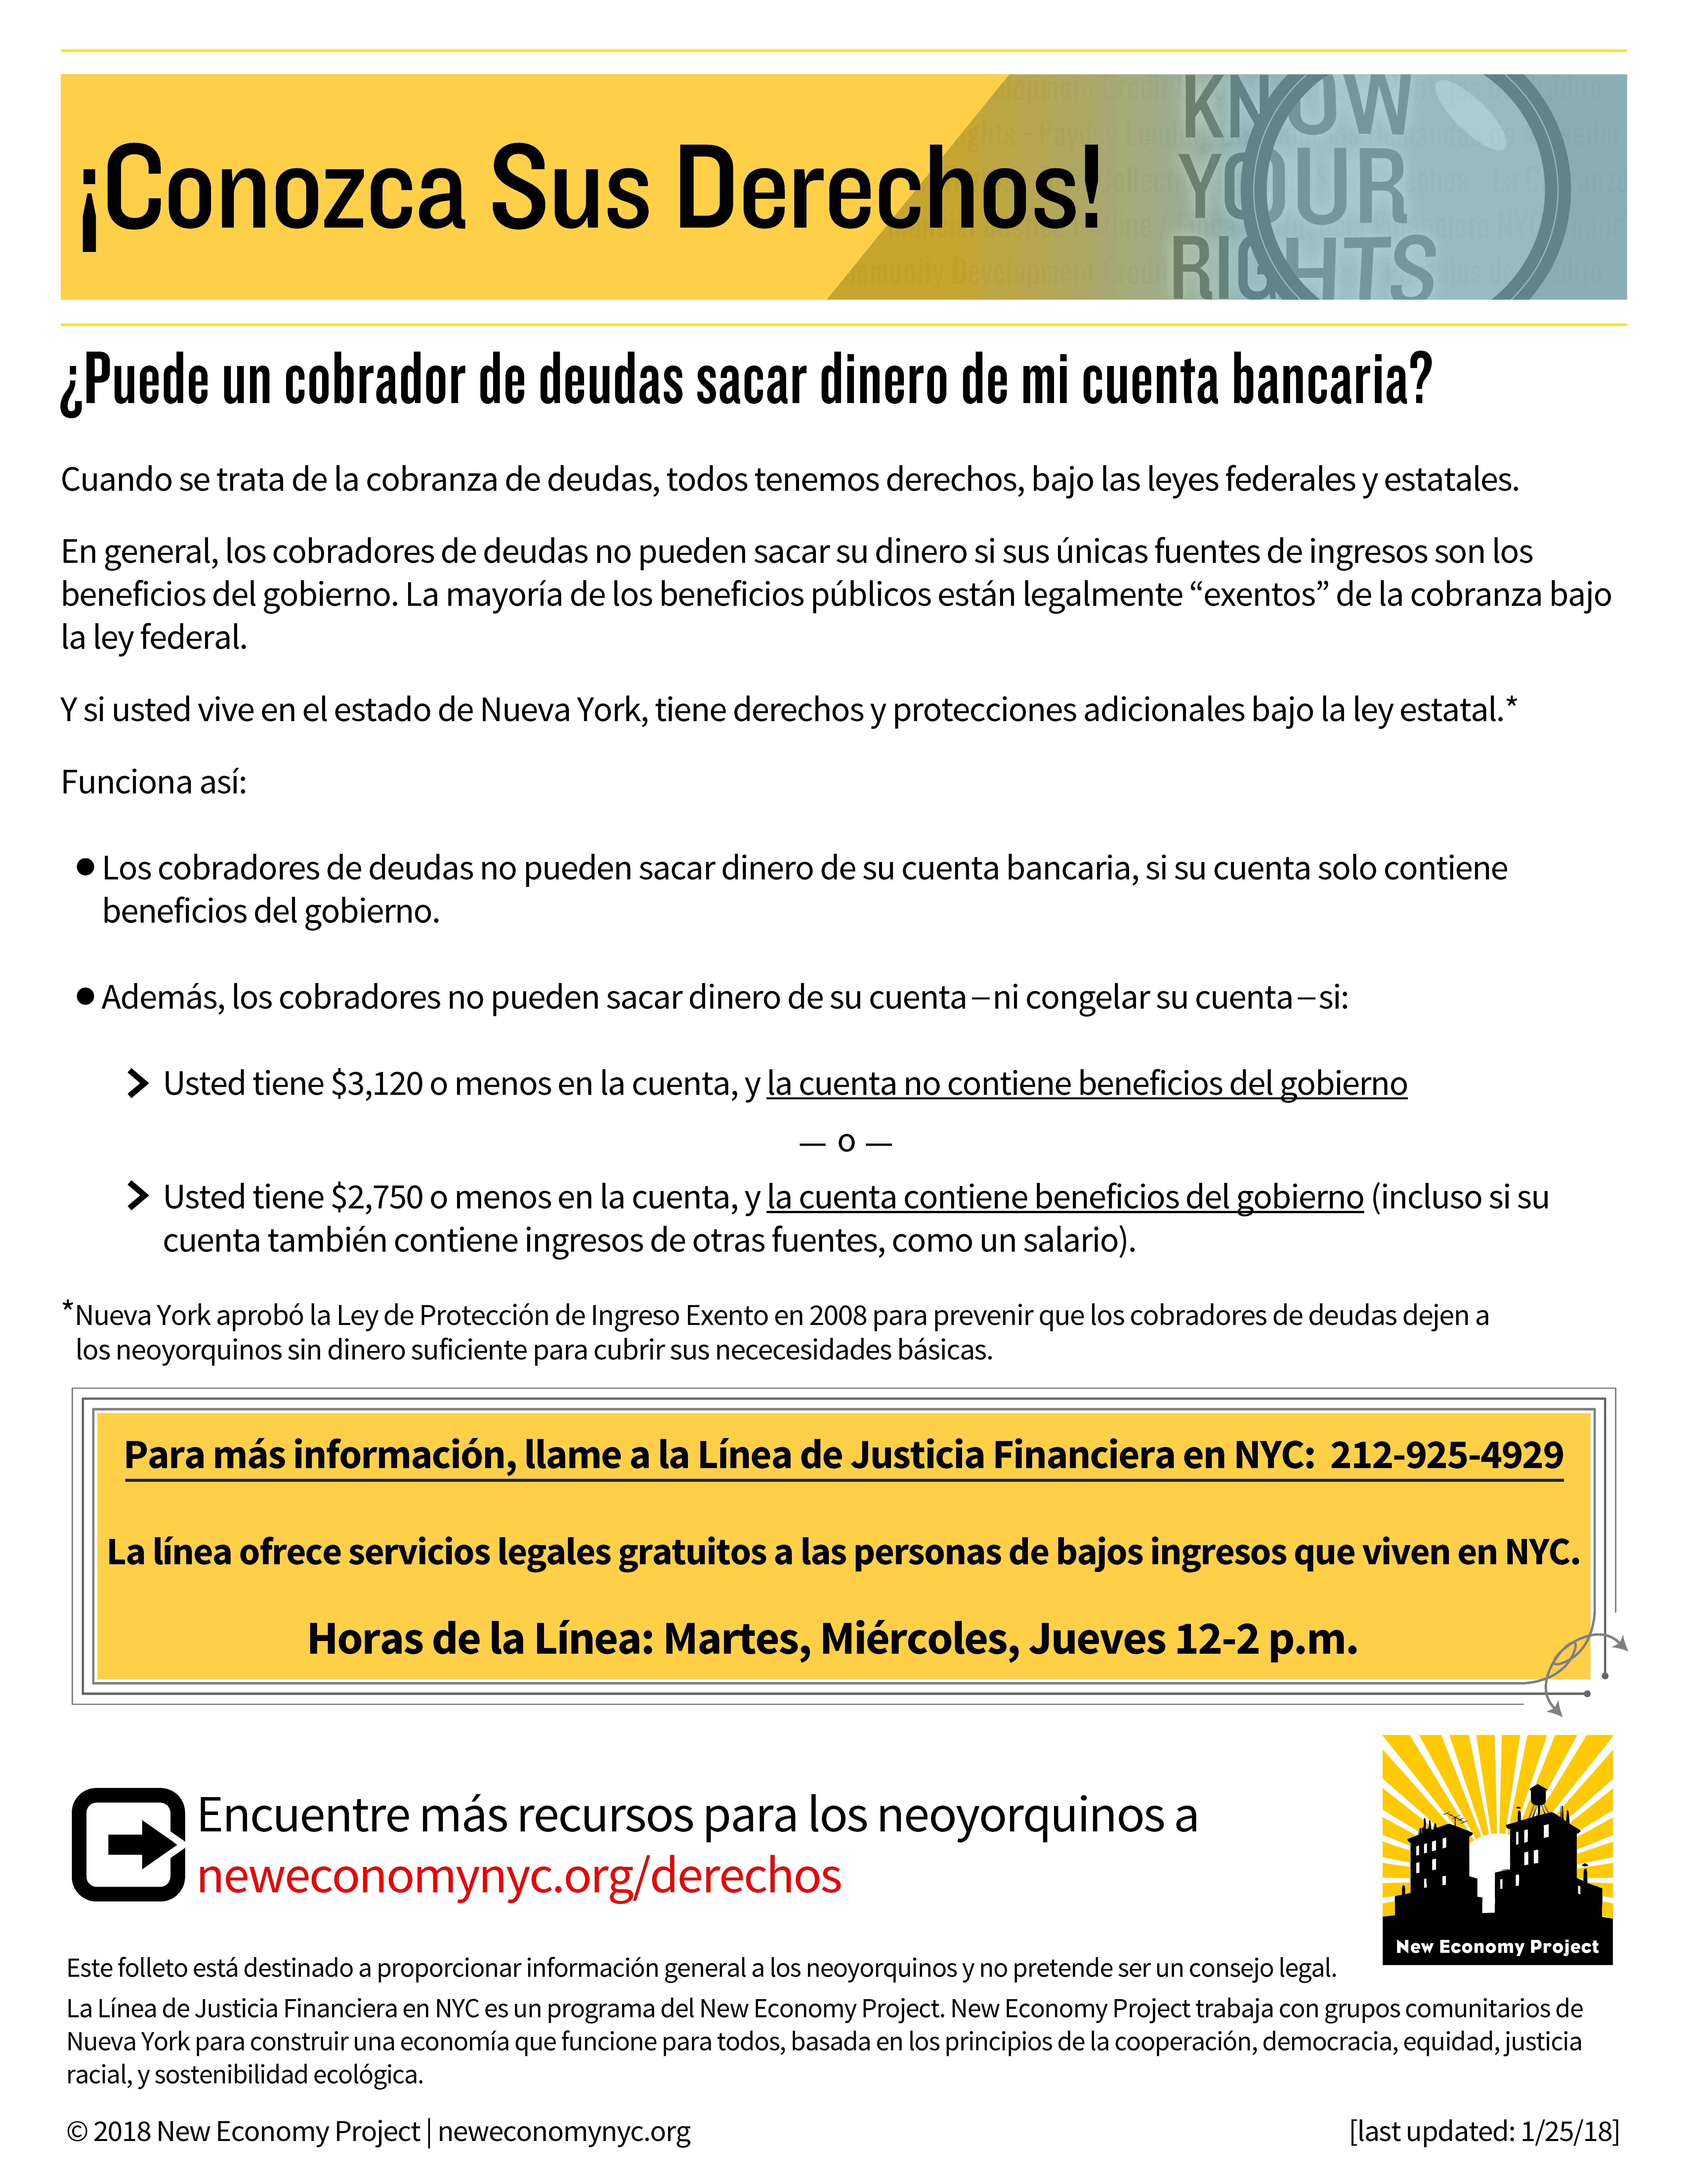 Perfecto Reanudar Lista De Words Clave Y Frases Motivo - Ejemplo De ...